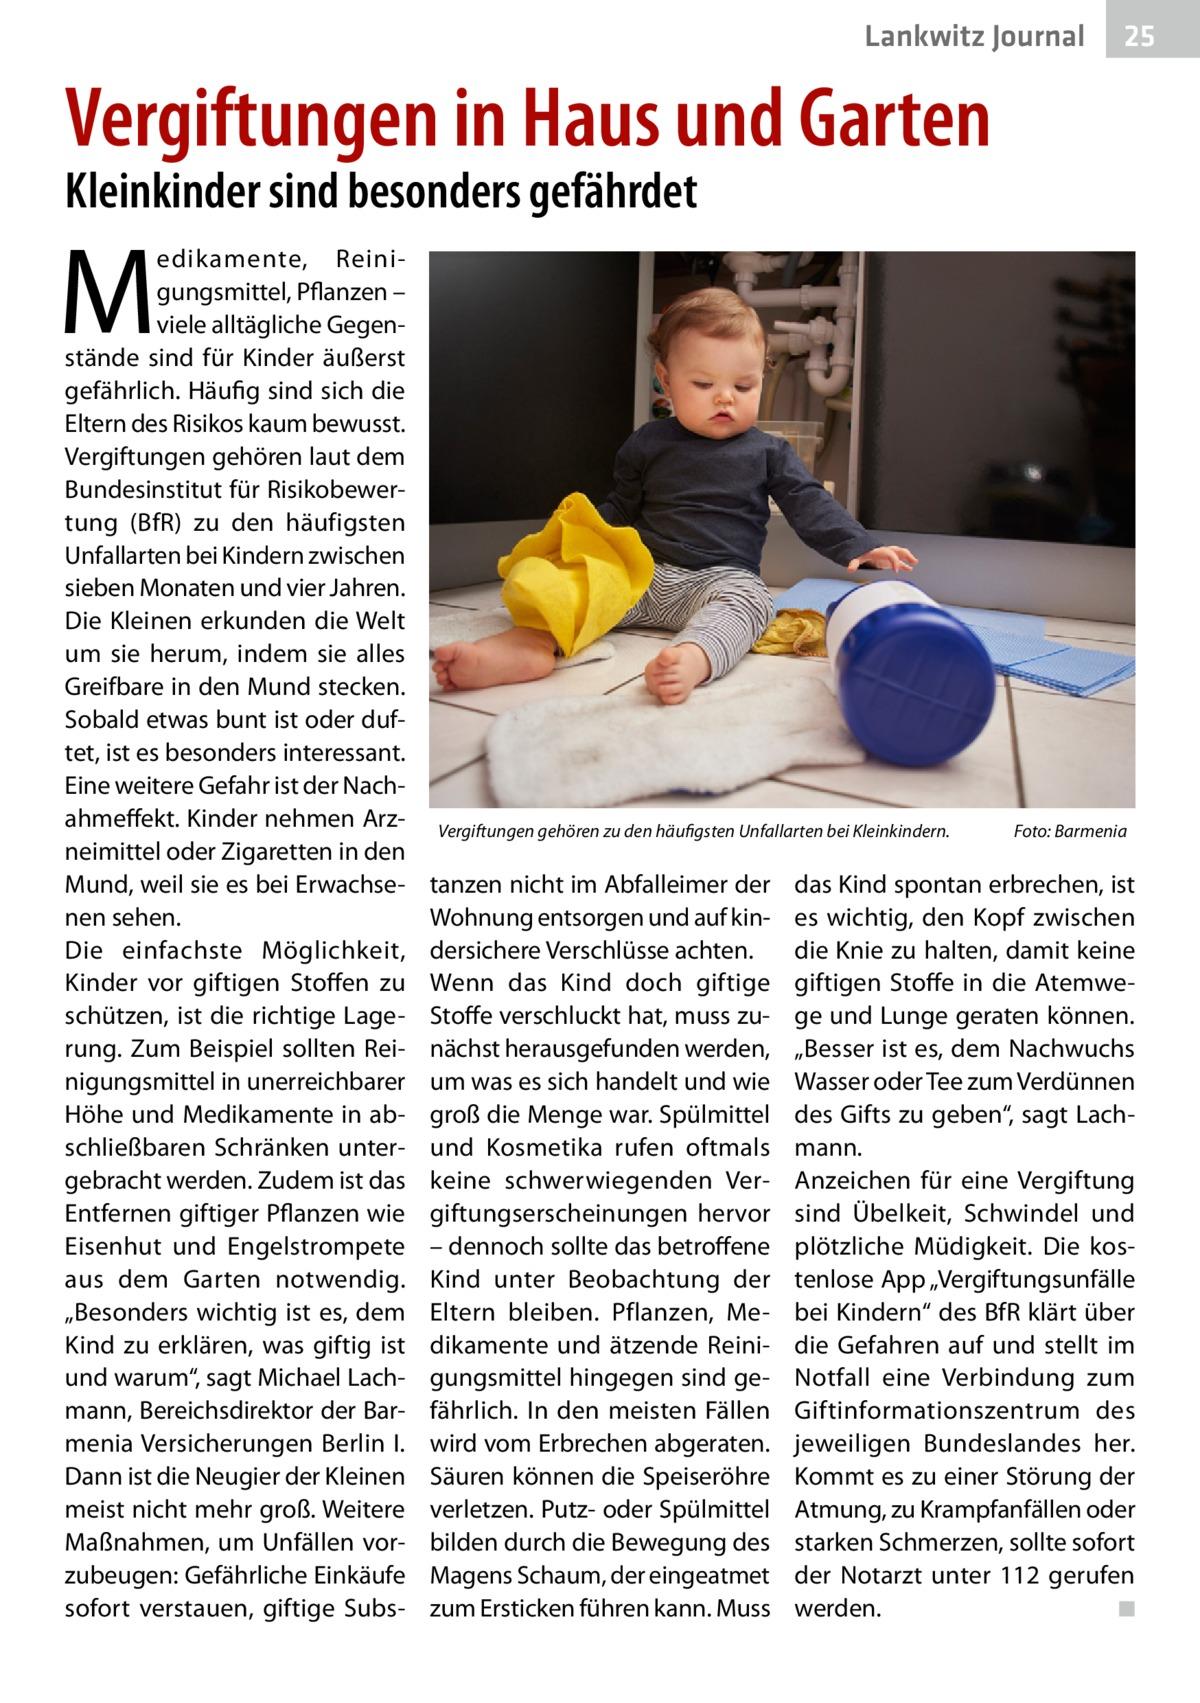 """Lankwitz Gesundheit Journal  25 25  Vergiftungen in Haus und Garten Kleinkinder sind besonders gefährdet  M  edikamente, Reinigungsmittel, Pflanzen – viele alltägliche Gegenstände sind für Kinder äußerst gefährlich. Häufig sind sich die Eltern des Risikos kaum bewusst. Vergiftungen gehören laut dem Bundesinstitut für Risikobewertung (BfR) zu den häufigsten Unfallarten bei Kindern zwischen sieben Monaten und vier Jahren. Die Kleinen erkunden die Welt um sie herum, indem sie alles Greifbare in den Mund stecken. Sobald etwas bunt ist oder duftet, ist es besonders interessant. Eine weitere Gefahr ist der Nachahmeffekt. Kinder nehmen Arzneimittel oder Zigaretten in den Mund, weil sie es bei Erwachsenen sehen. Die einfachste Möglichkeit, Kinder vor giftigen Stoffen zu schützen, ist die richtige Lagerung. Zum Beispiel sollten Reinigungsmittel in unerreichbarer Höhe und Medikamente in abschließbaren Schränken untergebracht werden. Zudem ist das Entfernen giftiger Pflanzen wie Eisenhut und Engelstrompete aus dem Garten notwendig. """"Besonders wichtig ist es, dem Kind zu erklären, was giftig ist und warum"""", sagt Michael Lachmann, Bereichsdirektor der Barmenia Versicherungen Berlin I. Dann ist die Neugier der Kleinen meist nicht mehr groß. Weitere Maßnahmen, um Unfällen vorzubeugen: Gefährliche Einkäufe sofort verstauen, giftige Subs Vergiftungen gehören zu den häufigsten Unfallarten bei Kleinkindern.�  tanzen nicht im Abfalleimer der Wohnung entsorgen und auf kindersichere Verschlüsse achten. Wenn das Kind doch giftige Stoffe verschluckt hat, muss zunächst herausgefunden werden, um was es sich handelt und wie groß die Menge war. Spülmittel und Kosmetika rufen oftmals keine schwerwiegenden Vergiftungserscheinungen hervor – dennoch sollte das betroffene Kind unter Beobachtung der Eltern bleiben. Pflanzen, Medikamente und ätzende Reinigungsmittel hingegen sind gefährlich. In den meisten Fällen wird vom Erbrechen abgeraten. Säuren können die Speiseröhre verletzen. Putz- oder Spülmi"""